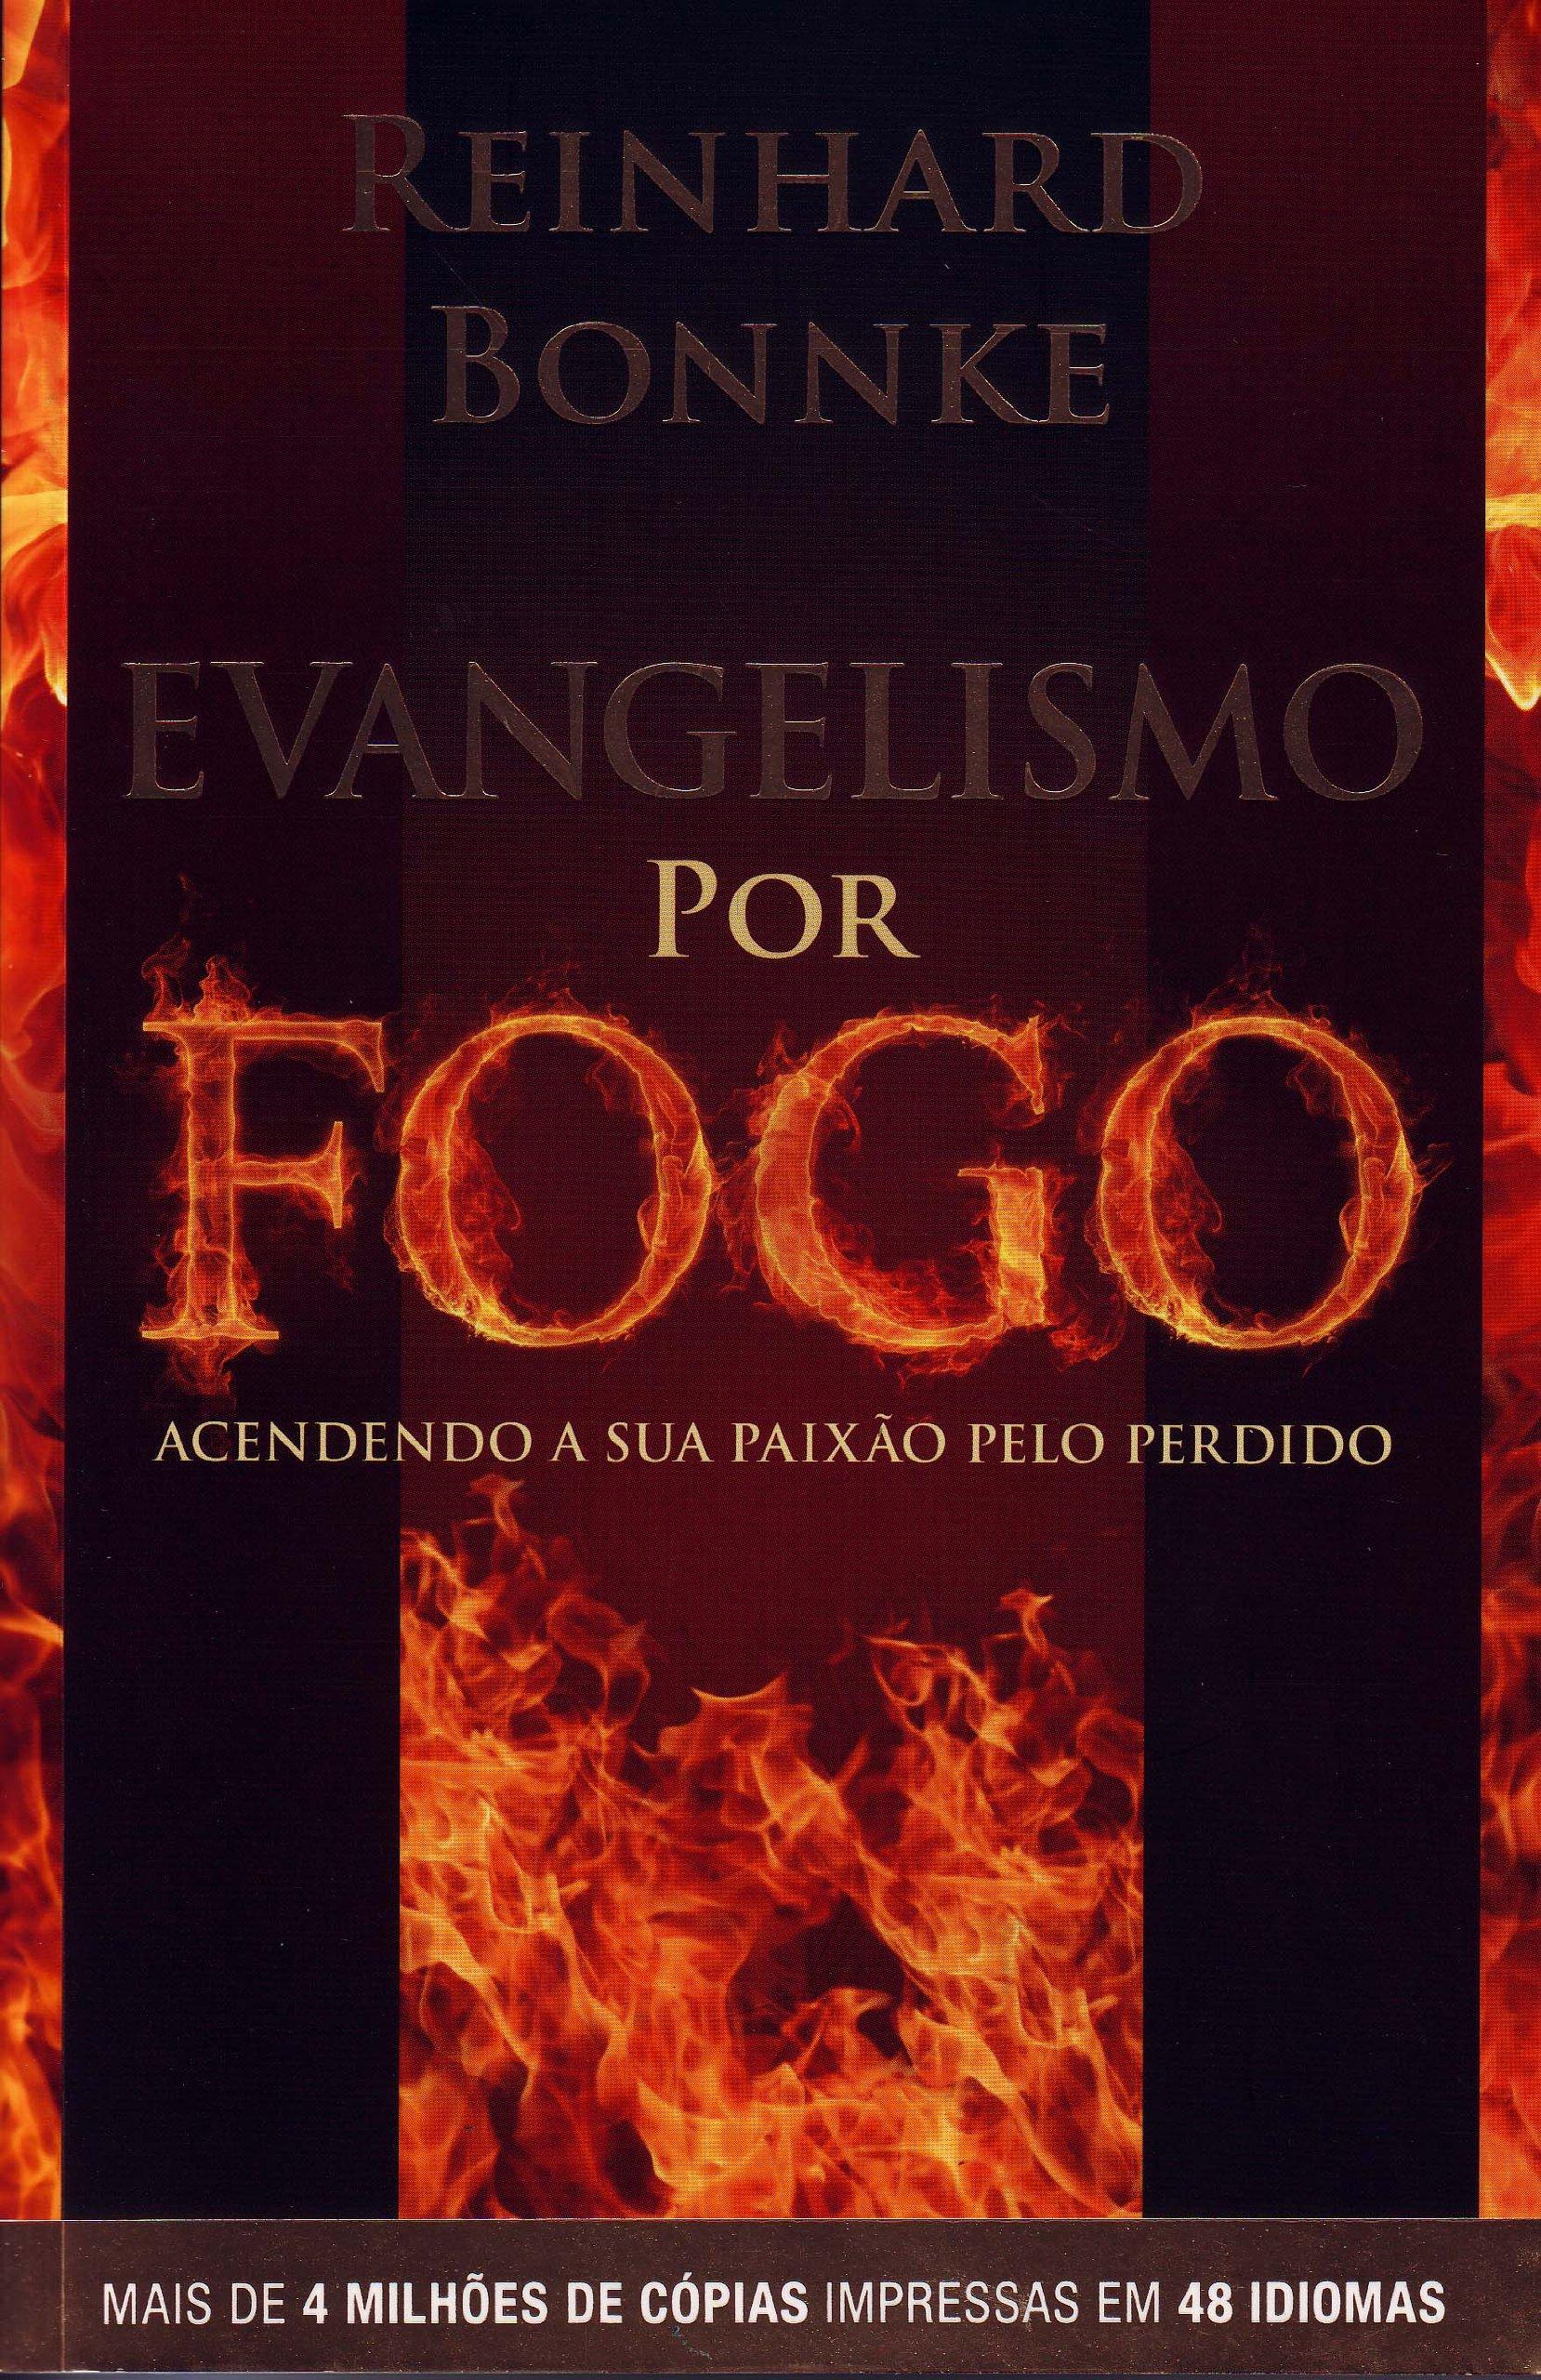 LIVRO EVANGELISMO POR FOGO EM PDF DOWNLOAD